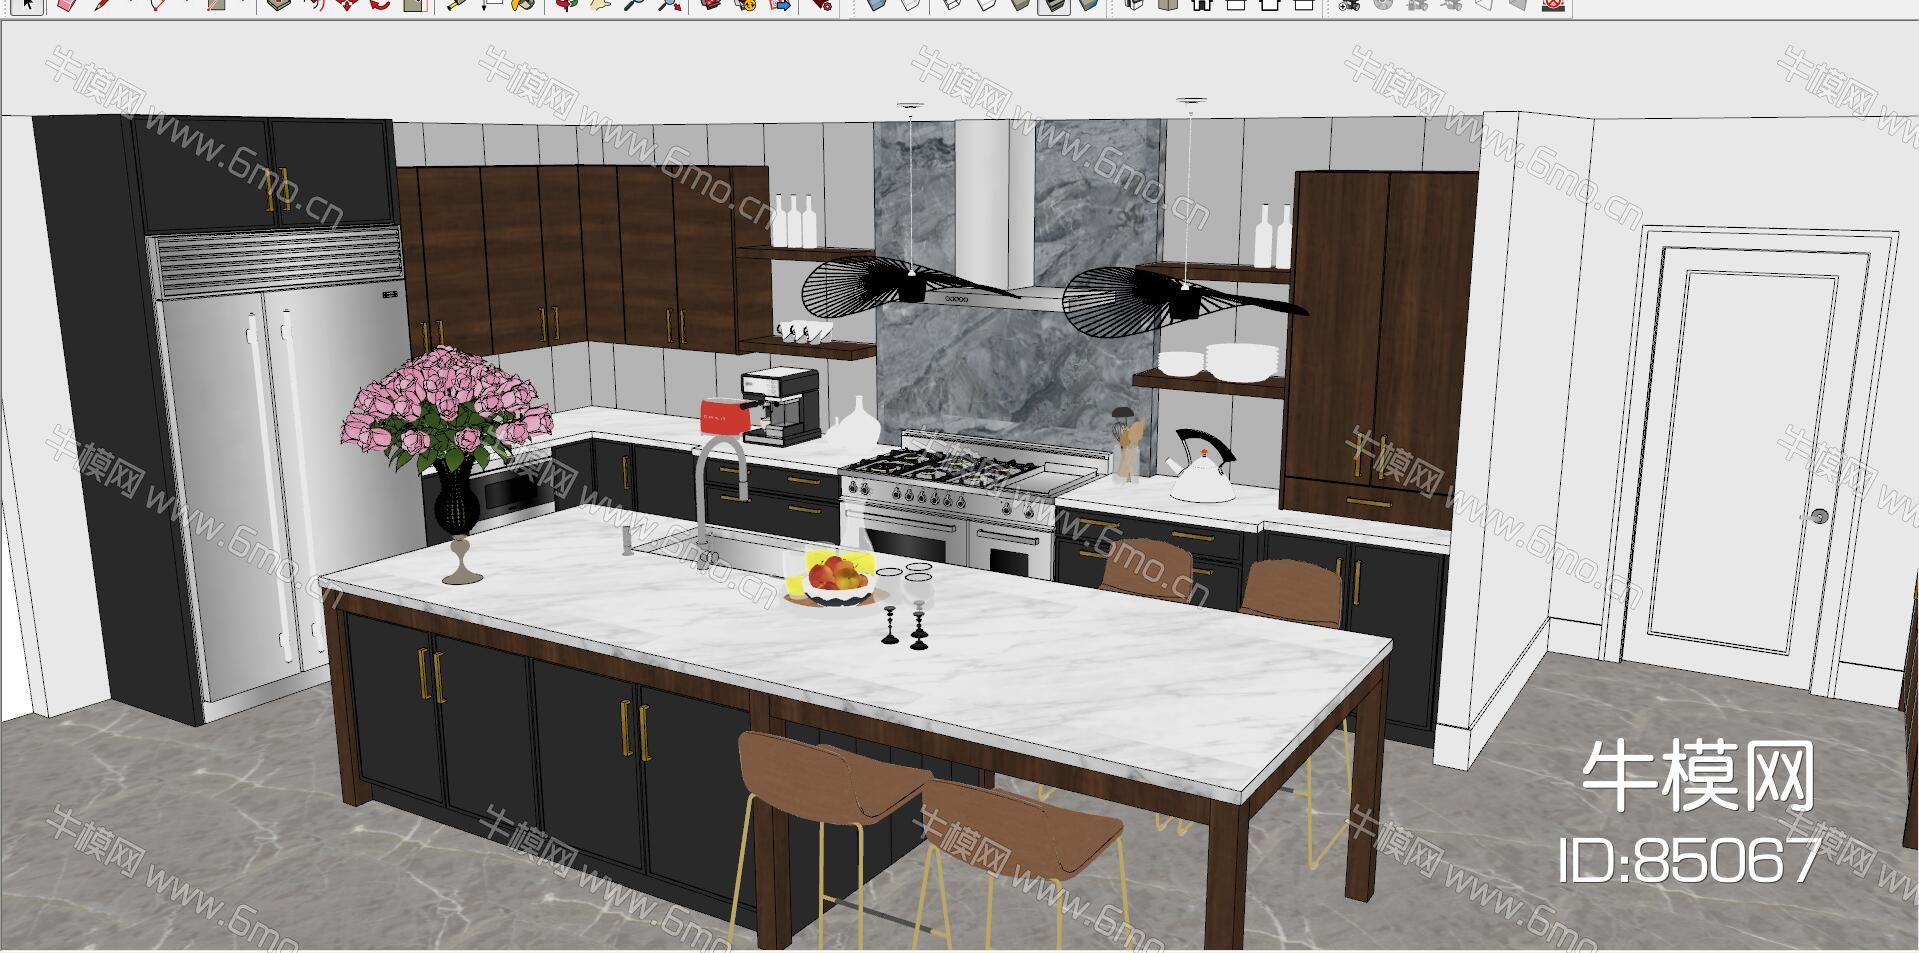 现代北欧低奢开放式厨房吧台吧椅吊灯花艺水果盘